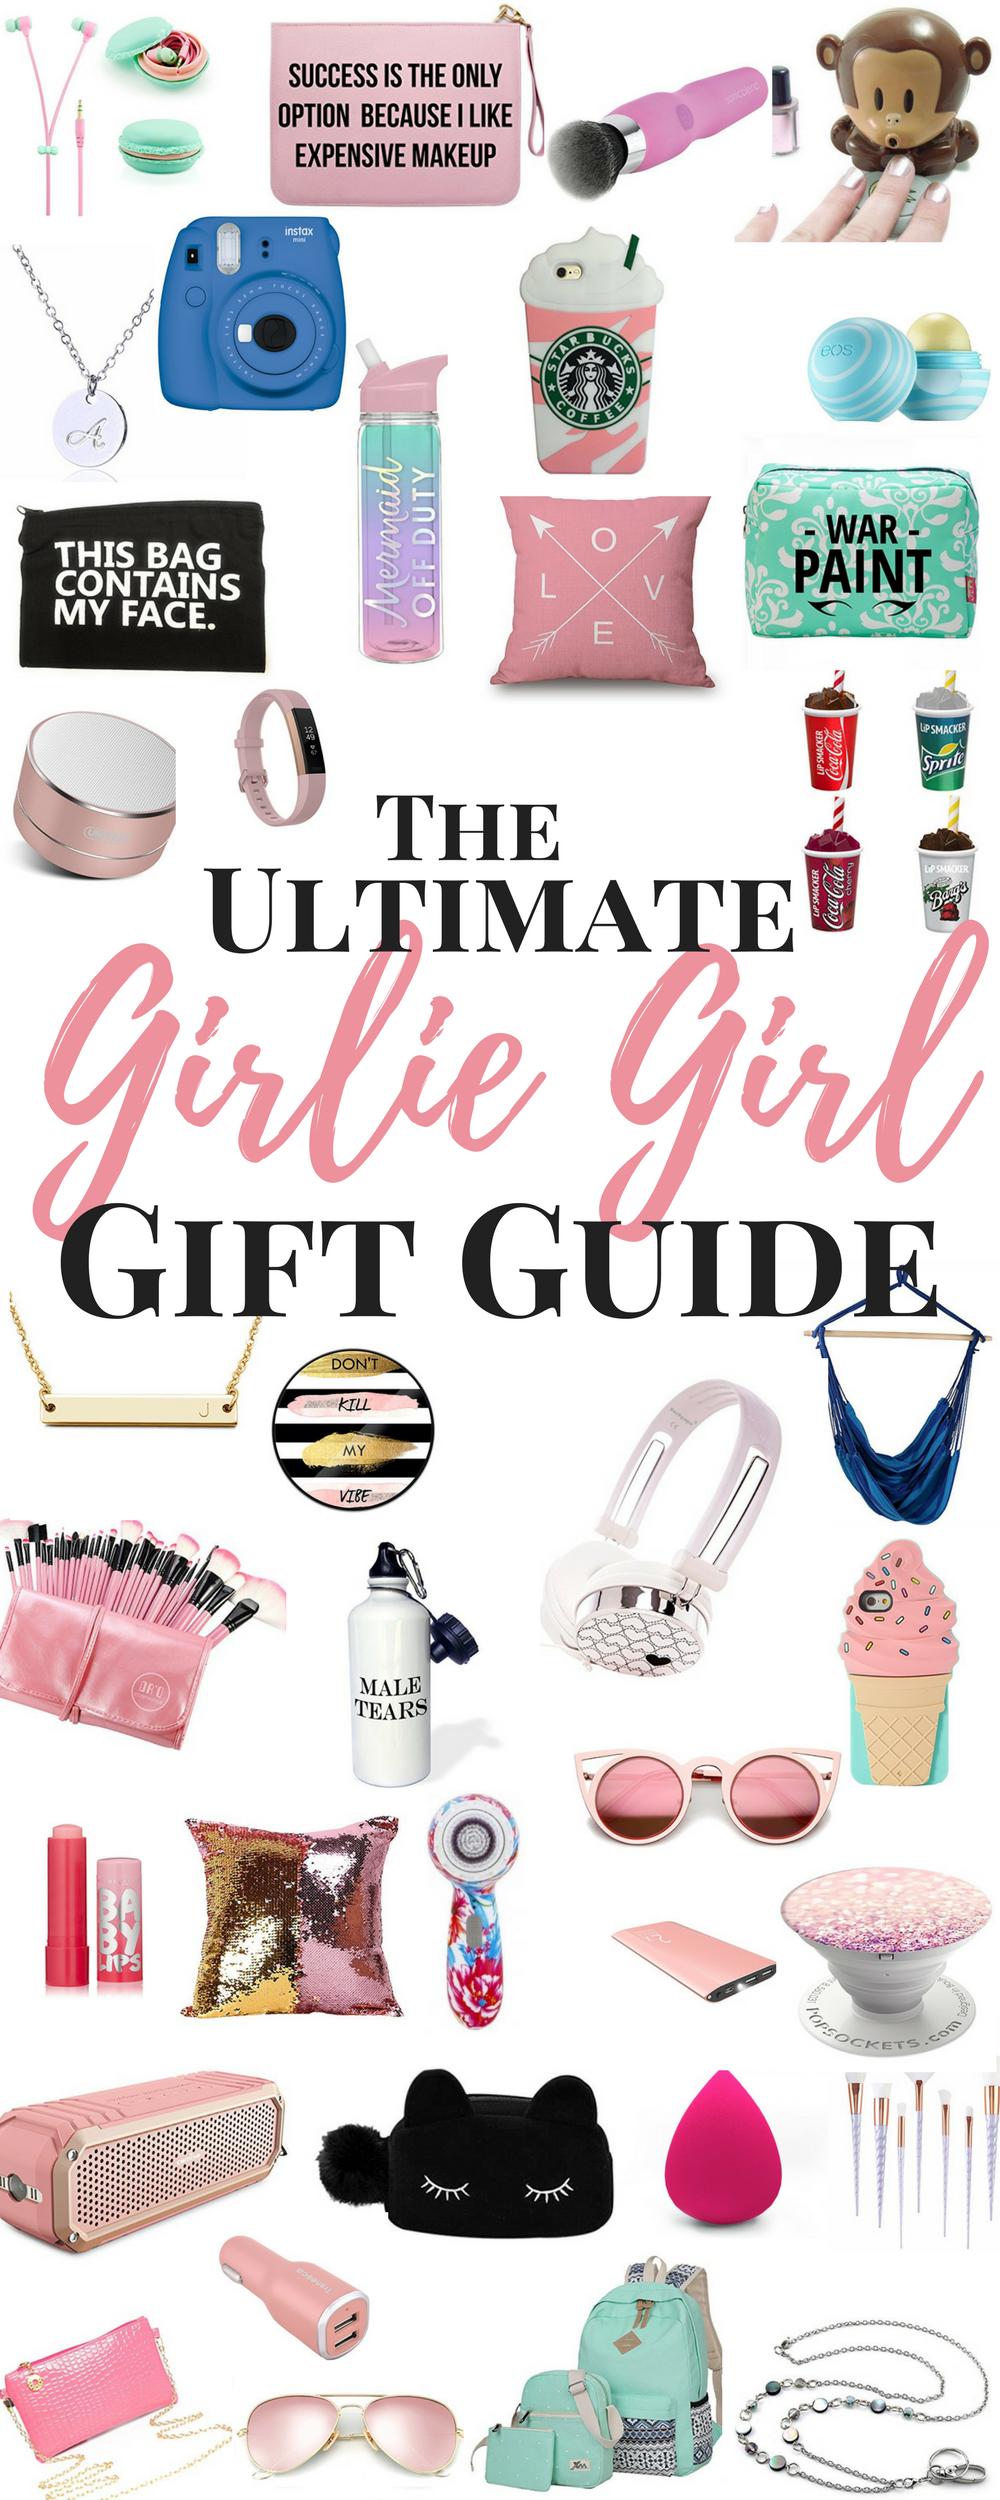 Gift Ideas for the Girlie Girl